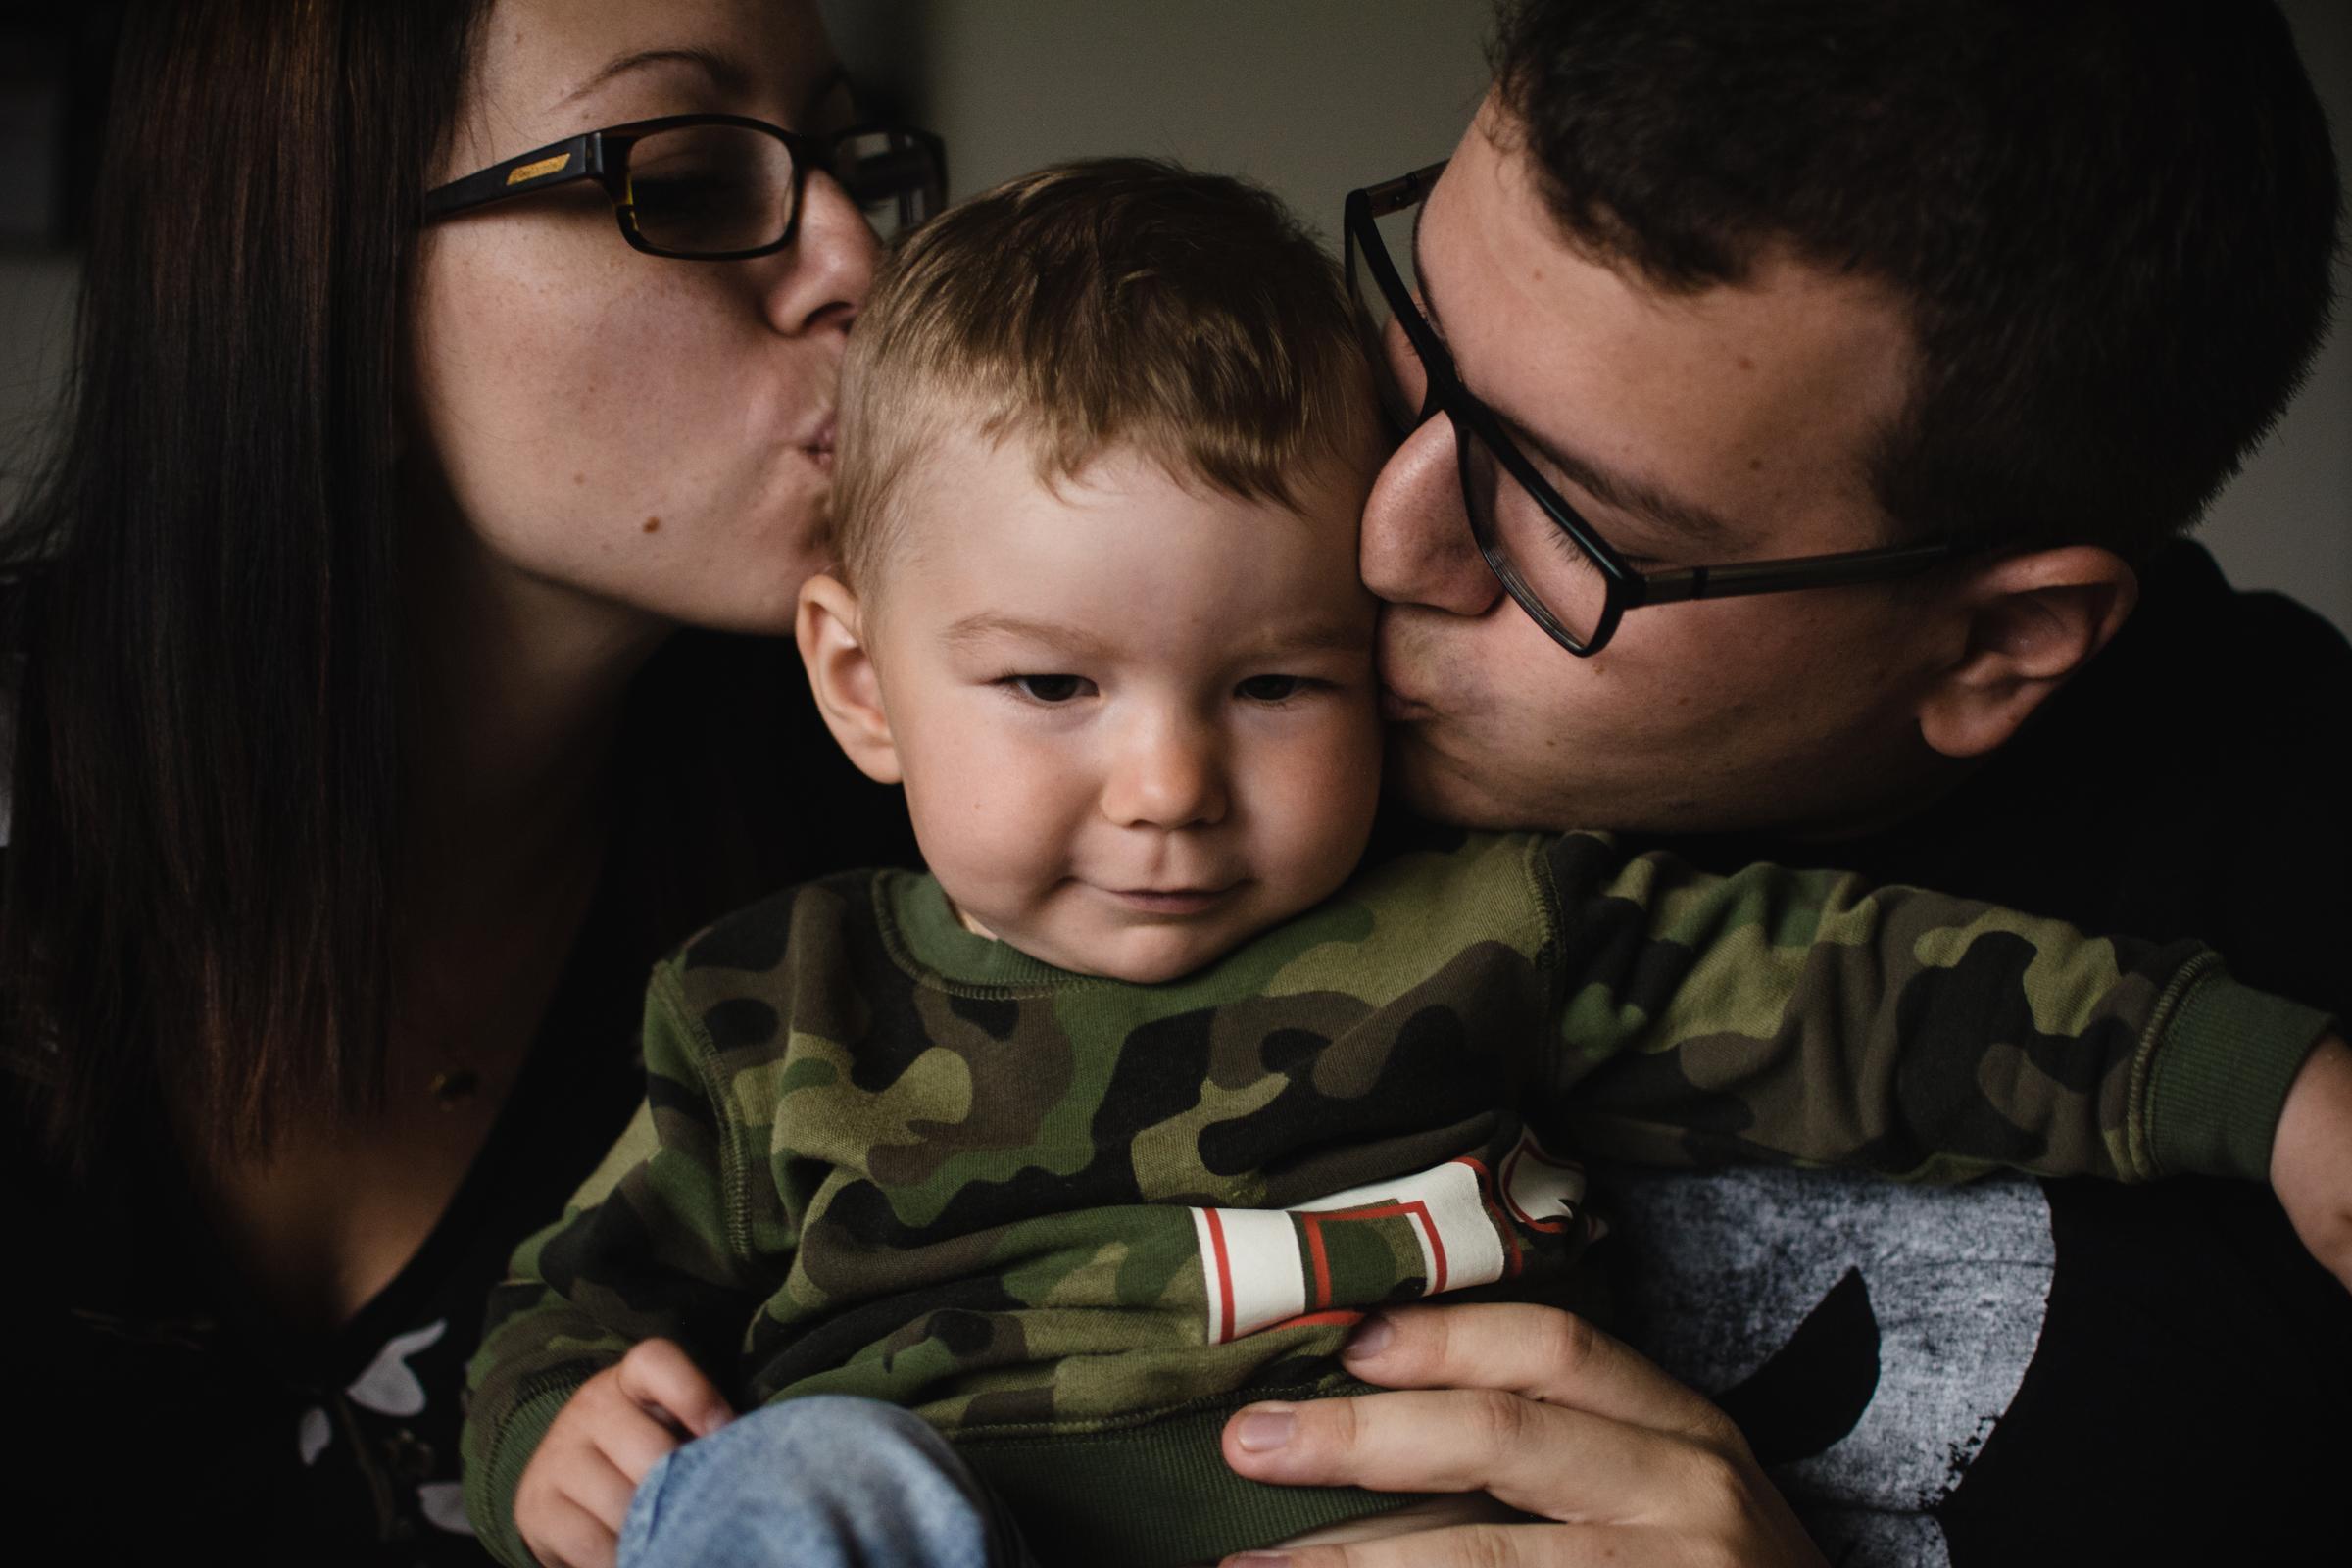 photo-bisou-photographe-de-famille-a-domicile-montreal-victoriaville-enfant-lifestyle-41.jpg